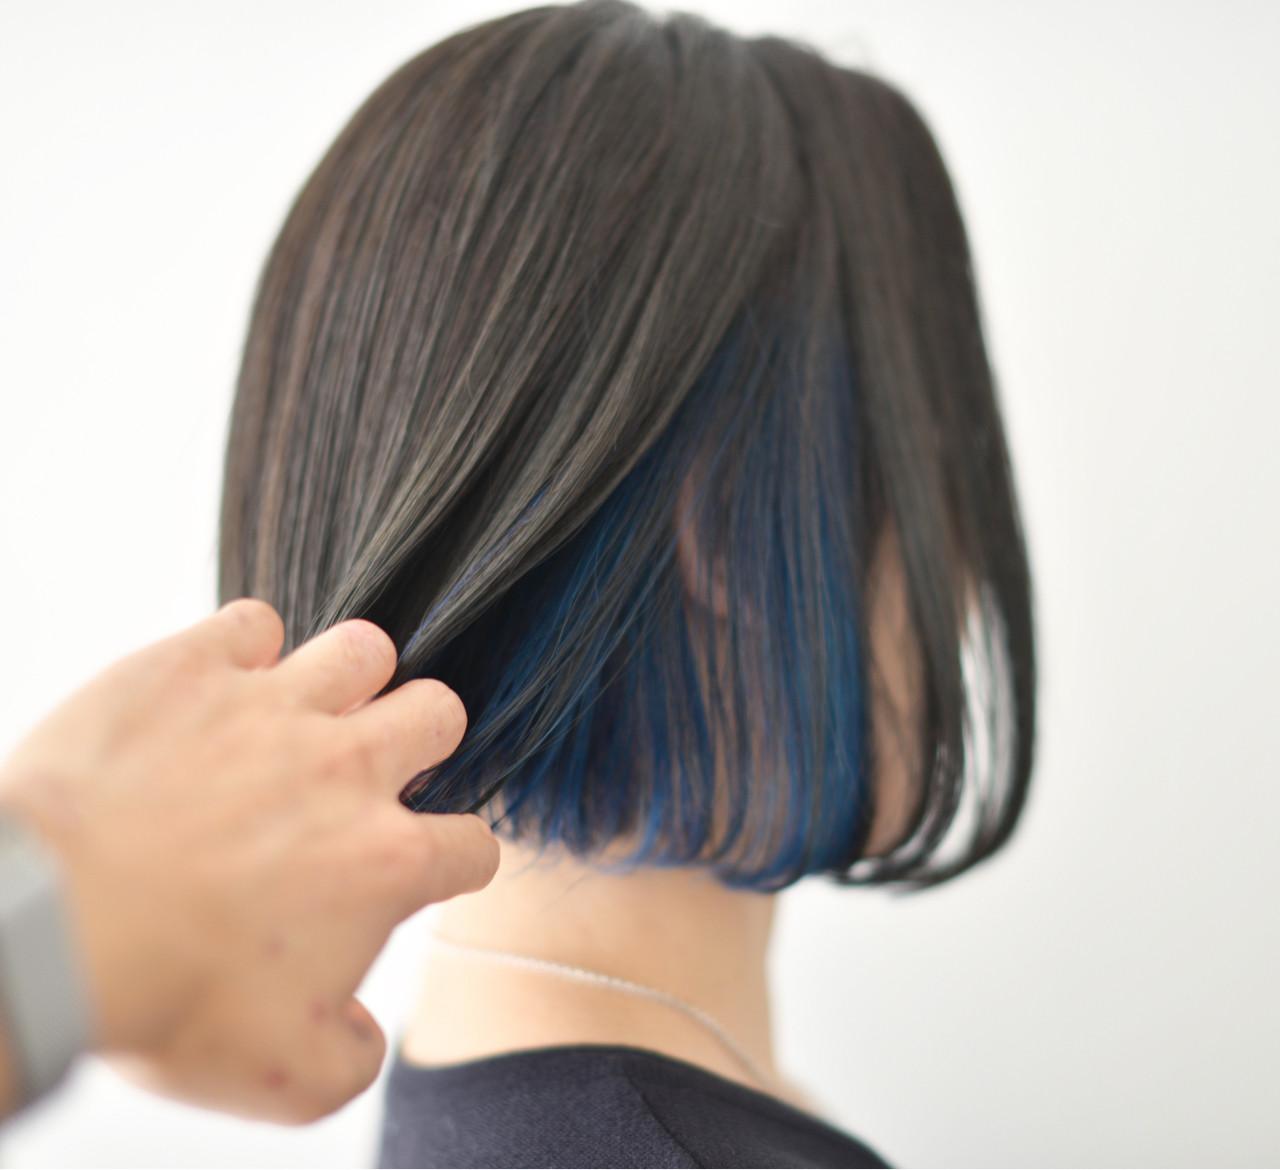 色気 モード インナーカラー ボブ ヘアスタイルや髪型の写真・画像 | yuuta inoue/vicca 'ekolu / vicca 'ekolu